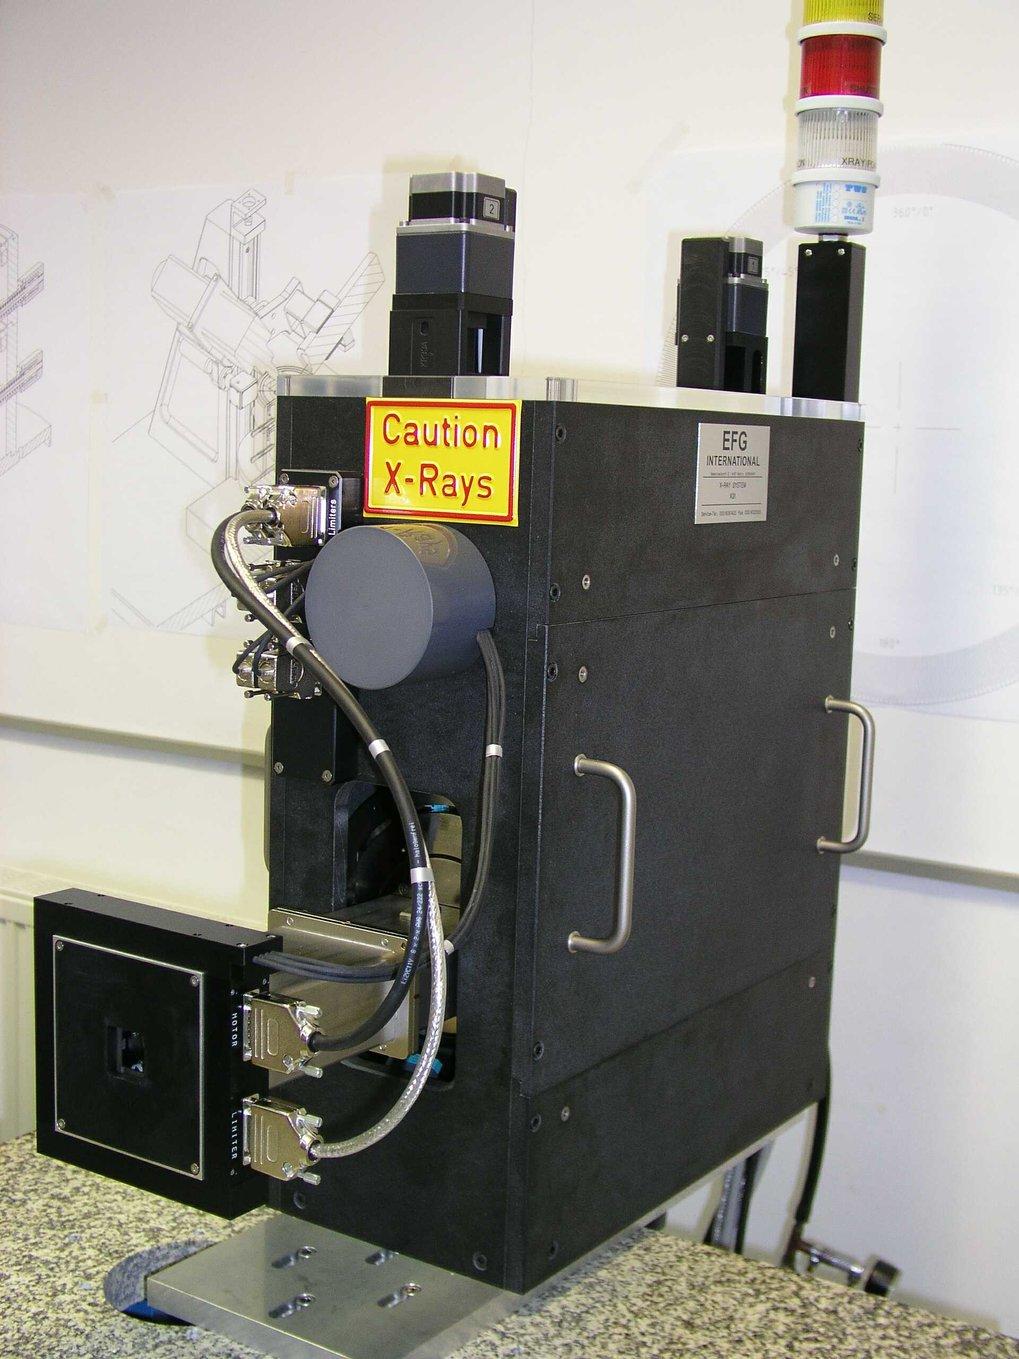 Diese kompakte Röntgen-Einheit enthält eine Cu-Röntgenröhre und röntgenoptische Komponenten. Sie kann optional an den Probentisch montiert werden.